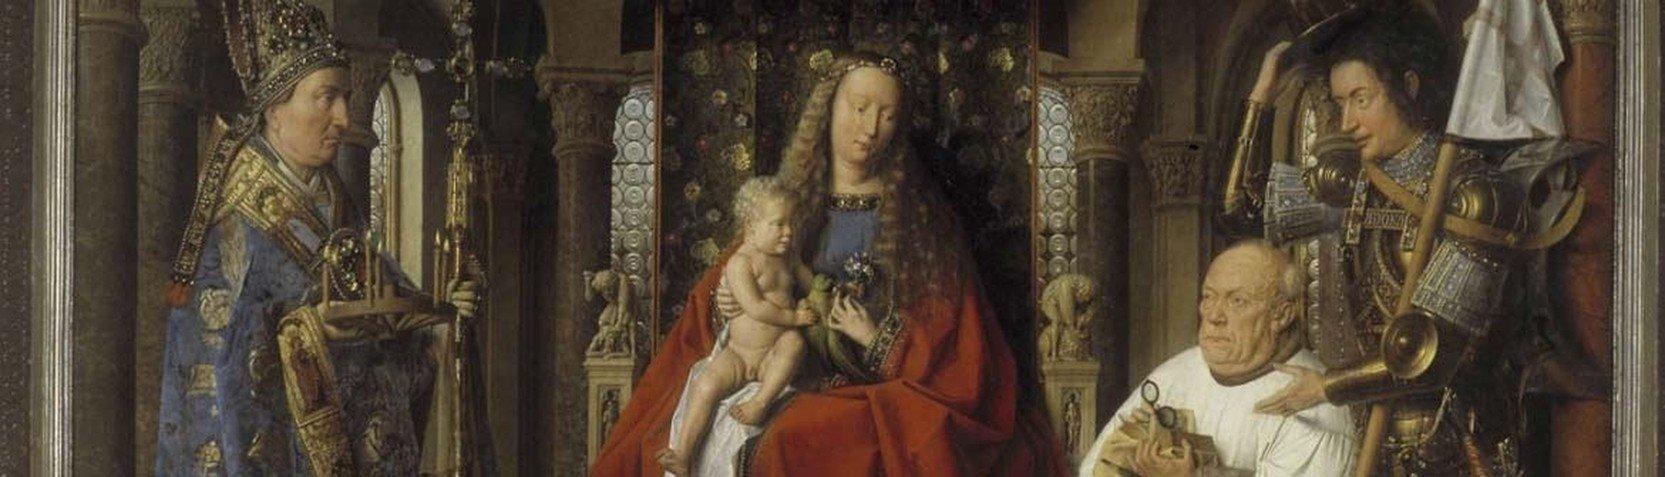 Artistes - Jan van Eyck